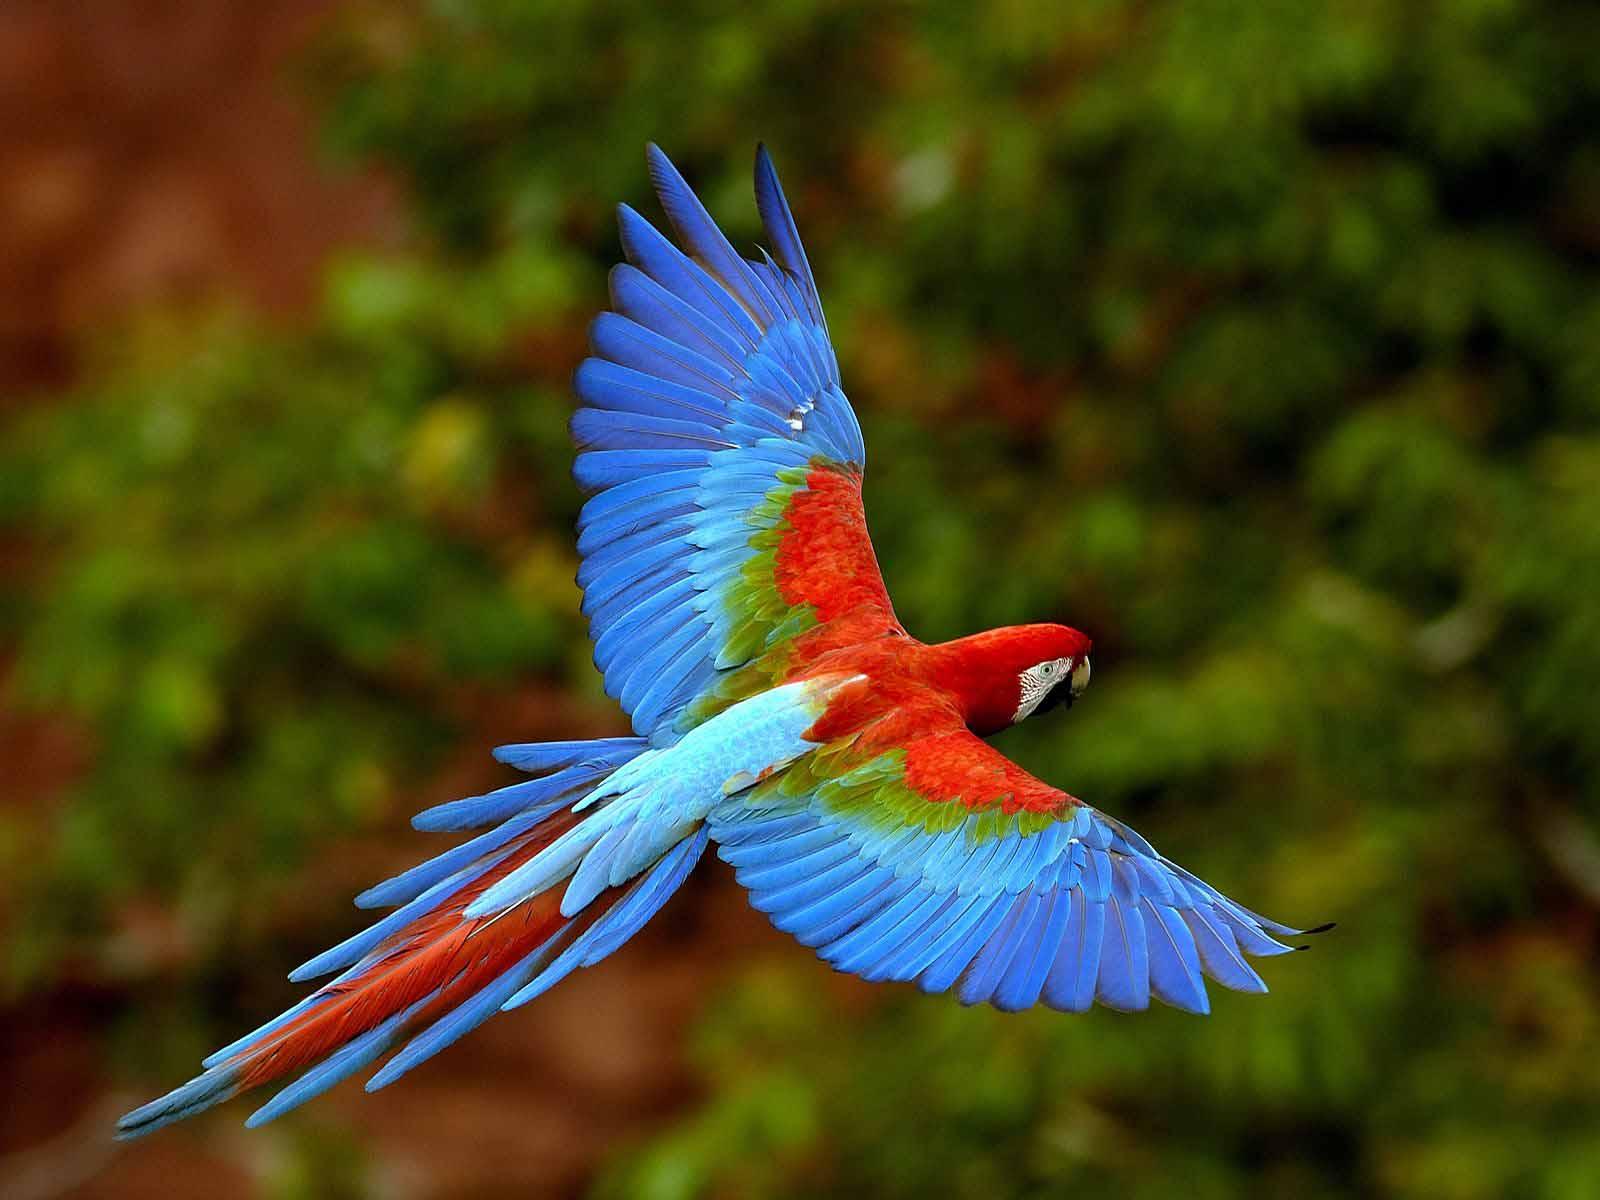 Rainbow Lorikeet Wallpapers beautiful new desktop images of parrots birds free download